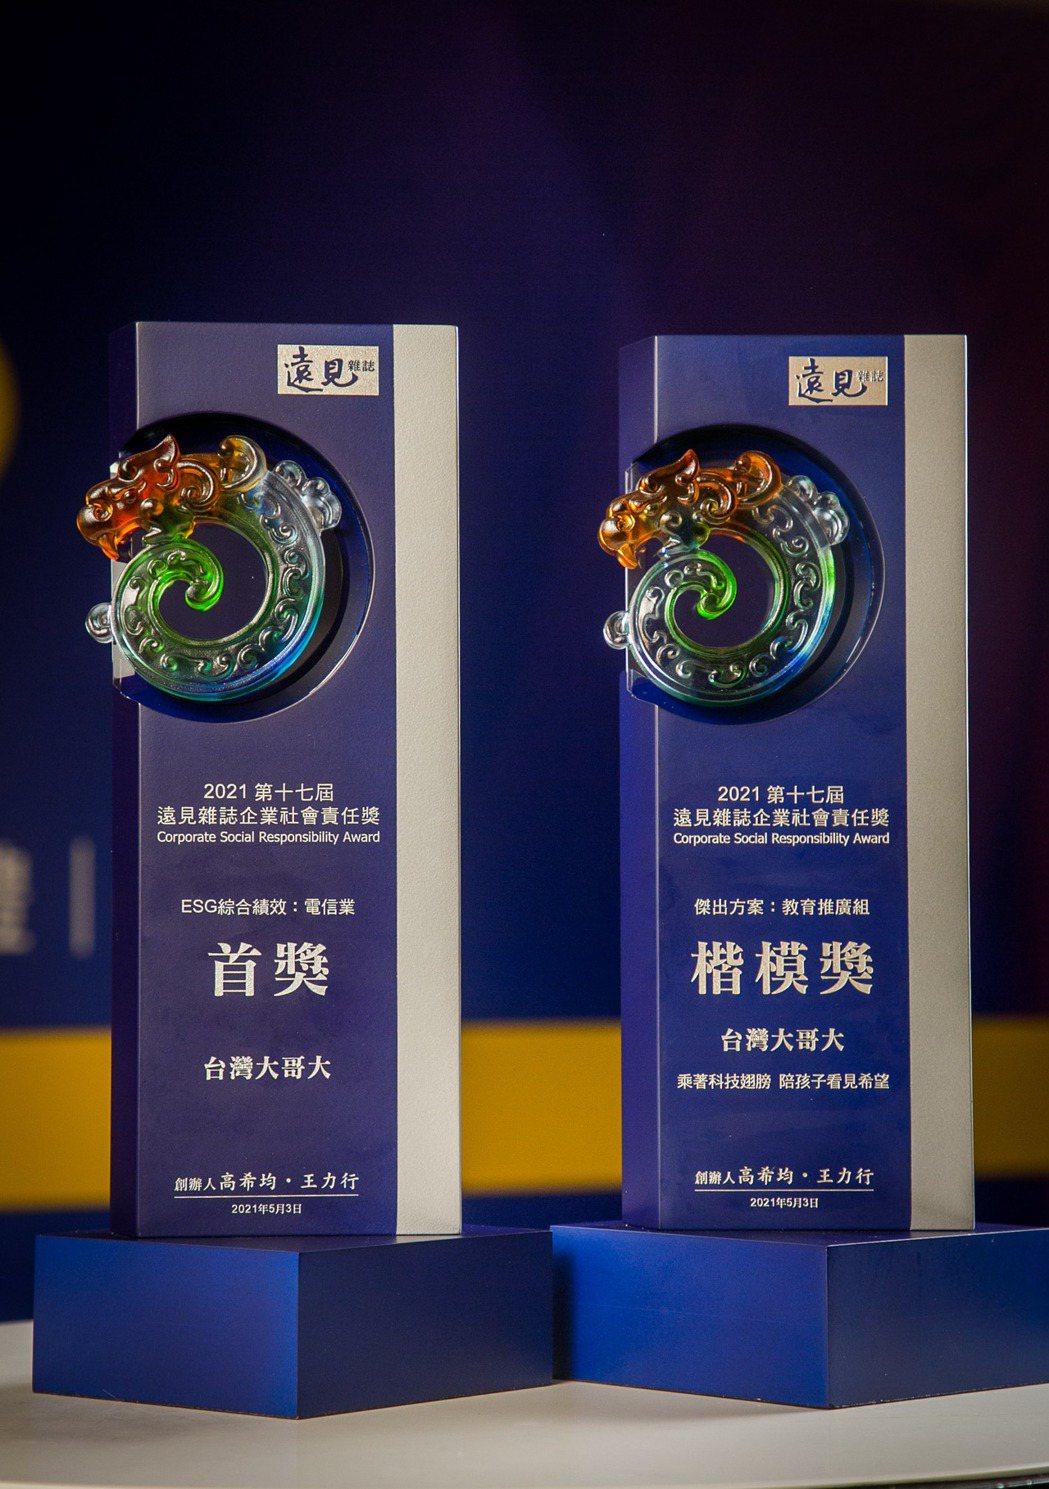 台灣大哥大蟬聯三年拿下ESG綜合績效『首獎』,同時拿下傑出方案-教育推廣組「楷模...